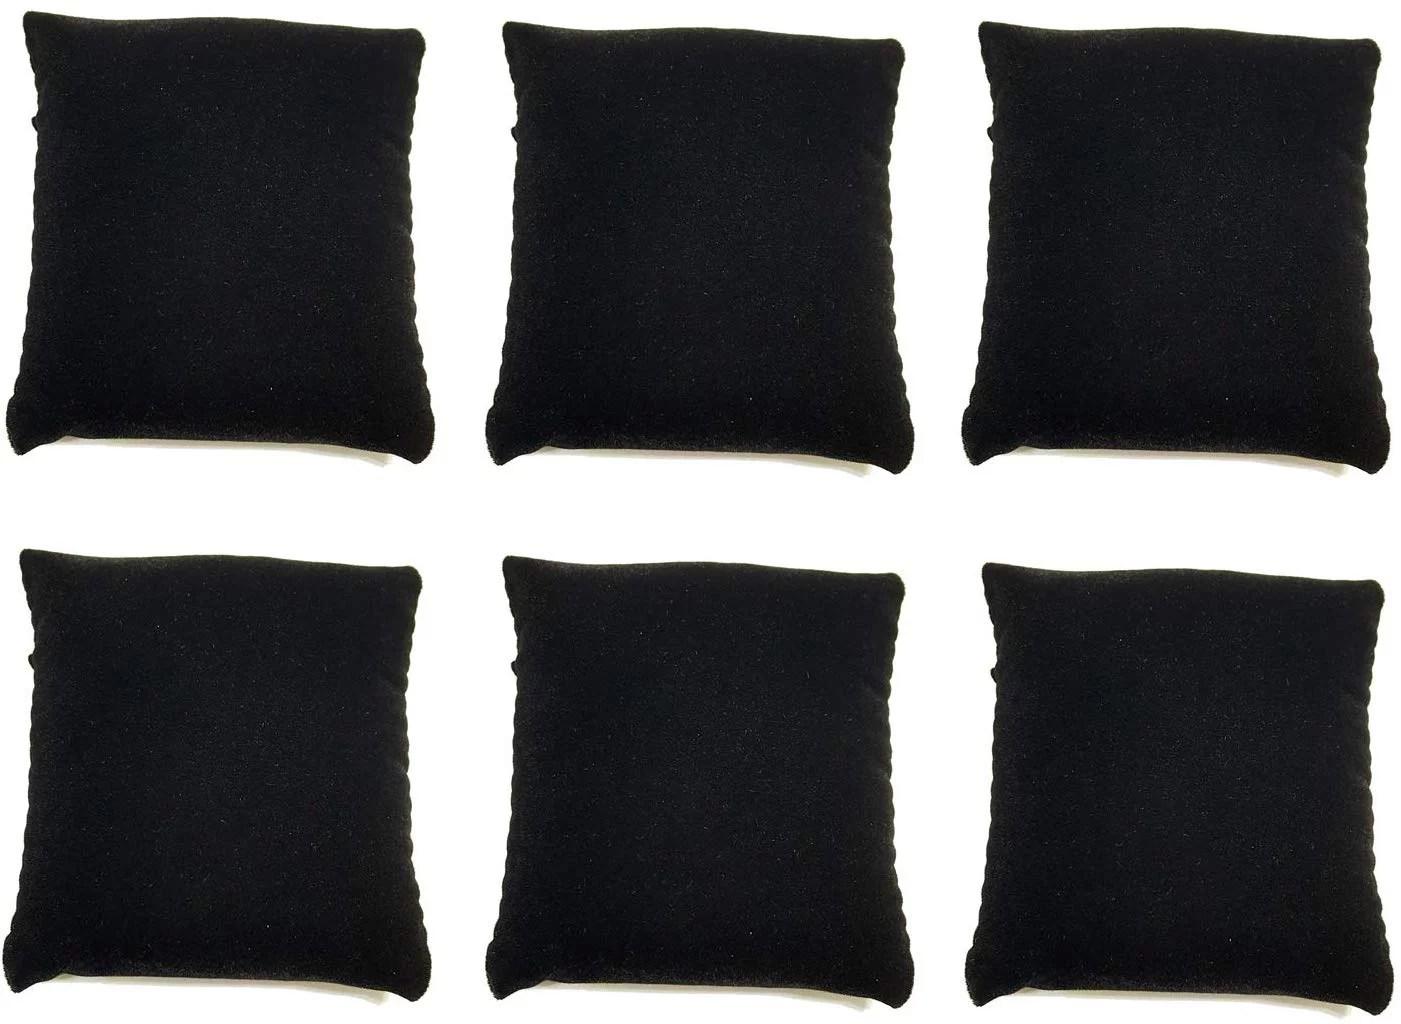 mooca small bracelet watch pillow black velvet jewelry displays jewelry pillow velvet small watch pillows velvet bracelet pillow set 3 w x 3 d